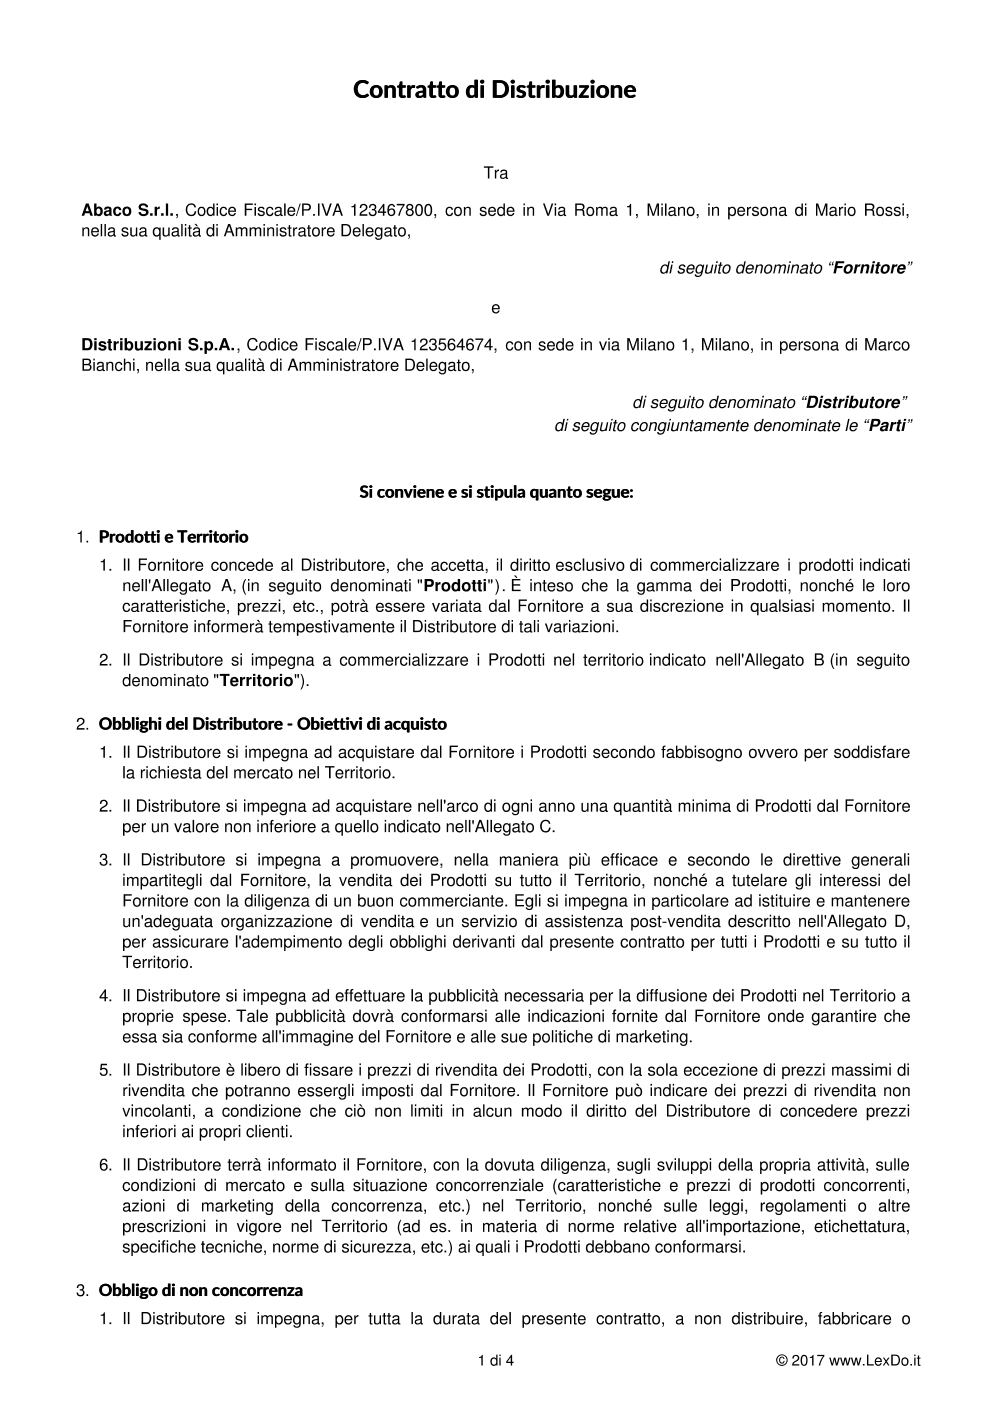 Contratto di Distribuzione Commerciale modello